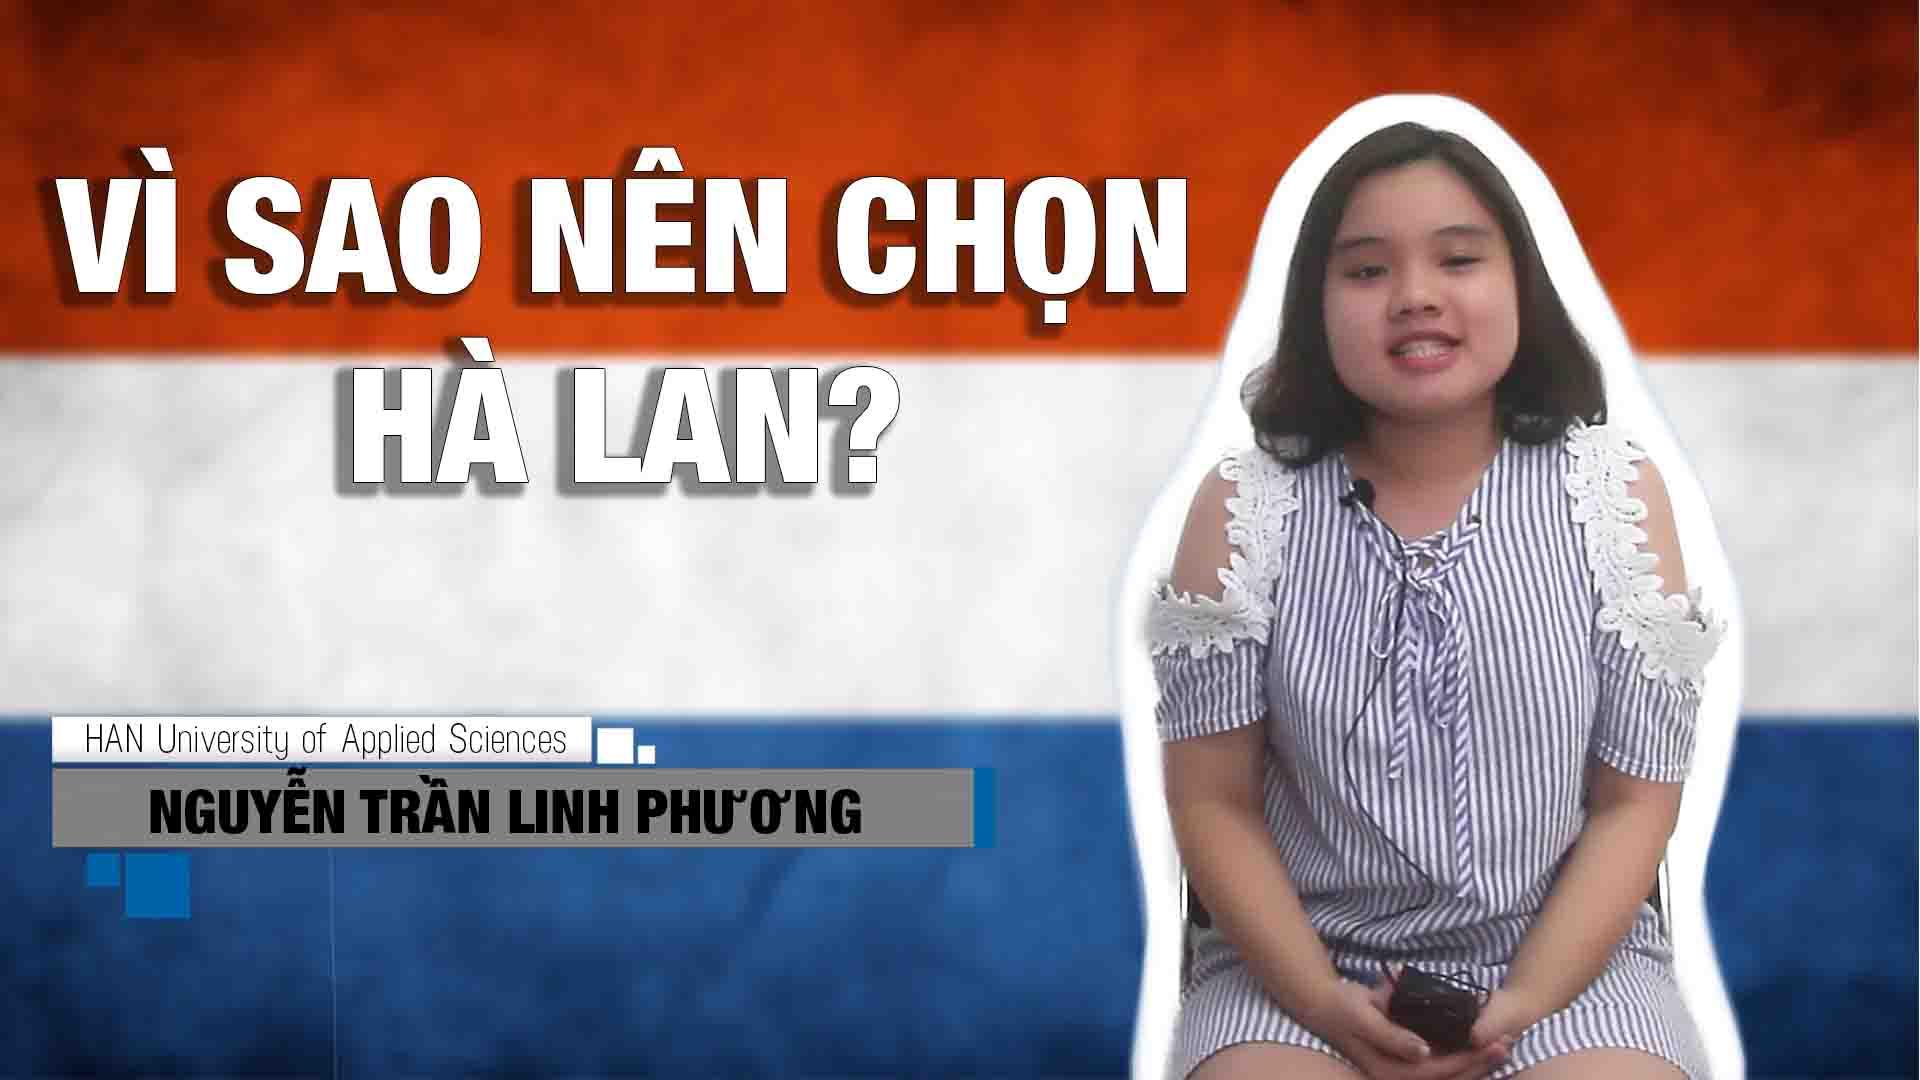 Hà Lan có gì mà bạn lại chọn để đi du học vậy nhỉ? Lắng nghe chia sẻ của bạn Nguyễn Trần Linh Phương hiện đang học tại đại học Khoa học Ứng Dụng HAN nhé! Và nghe bạn chia sẻ tại sao bạn được nhận học bổng 12.500 EUR nữa!